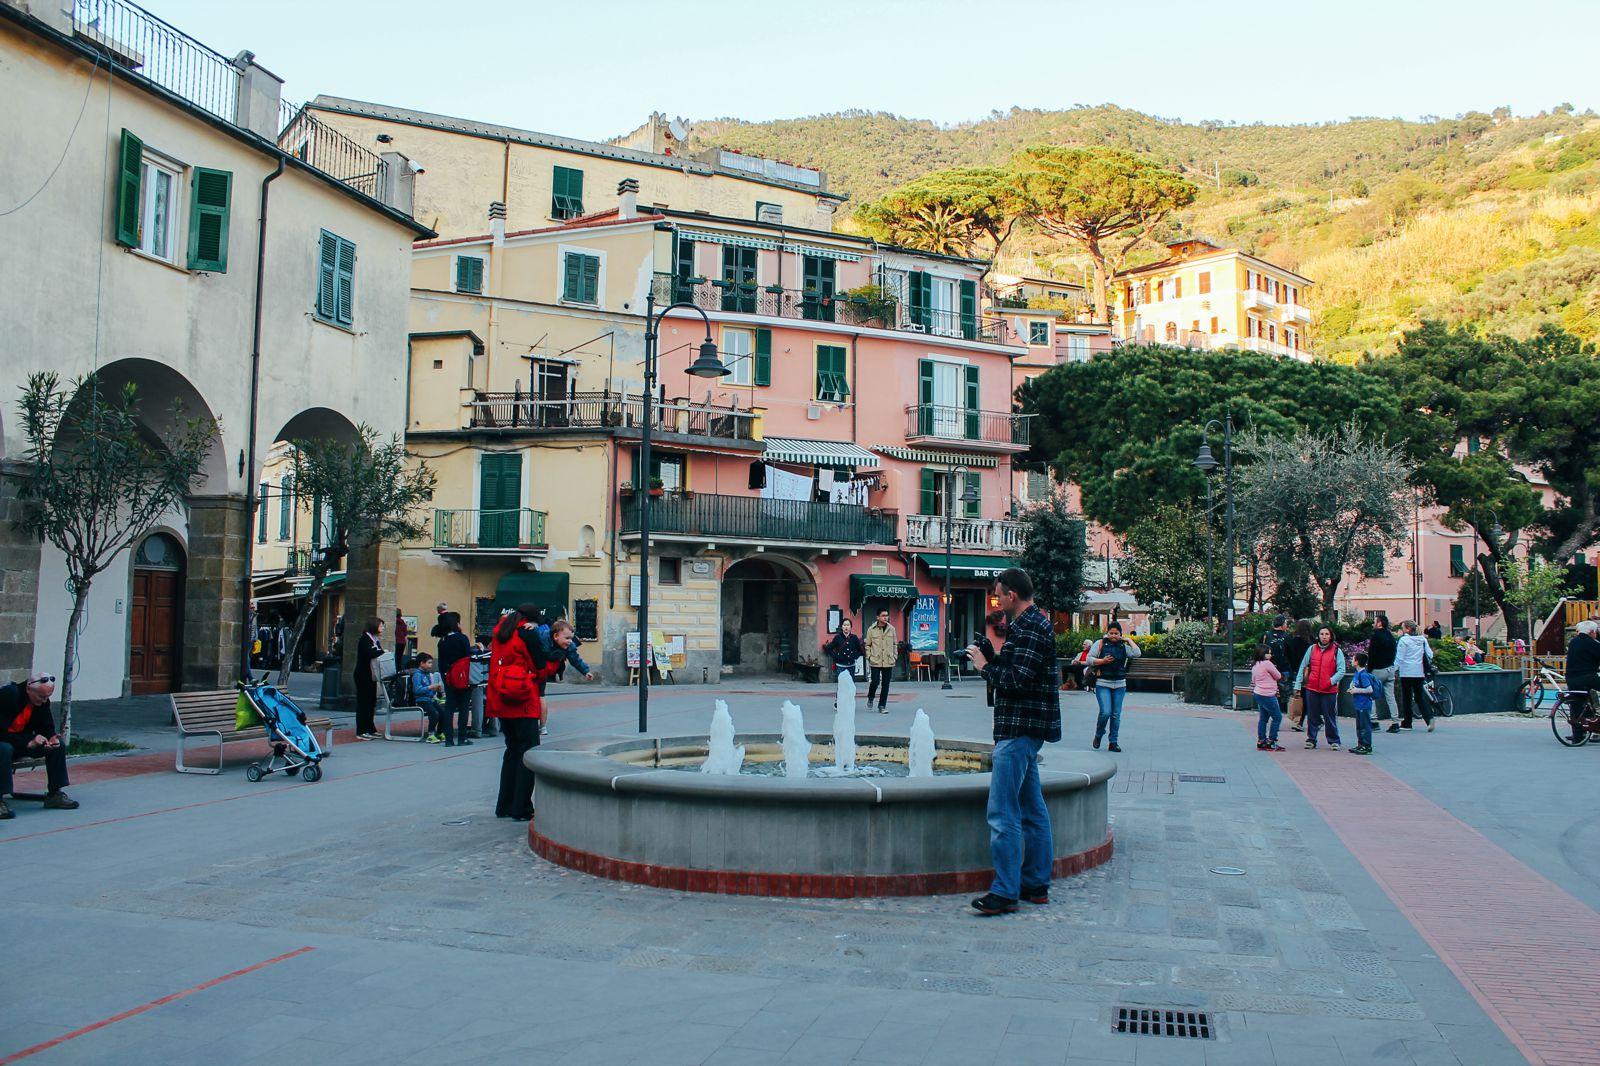 Monterosso al Mare in Cinque Terre, Italy - The Photo Diary! [5 of 5] (7)